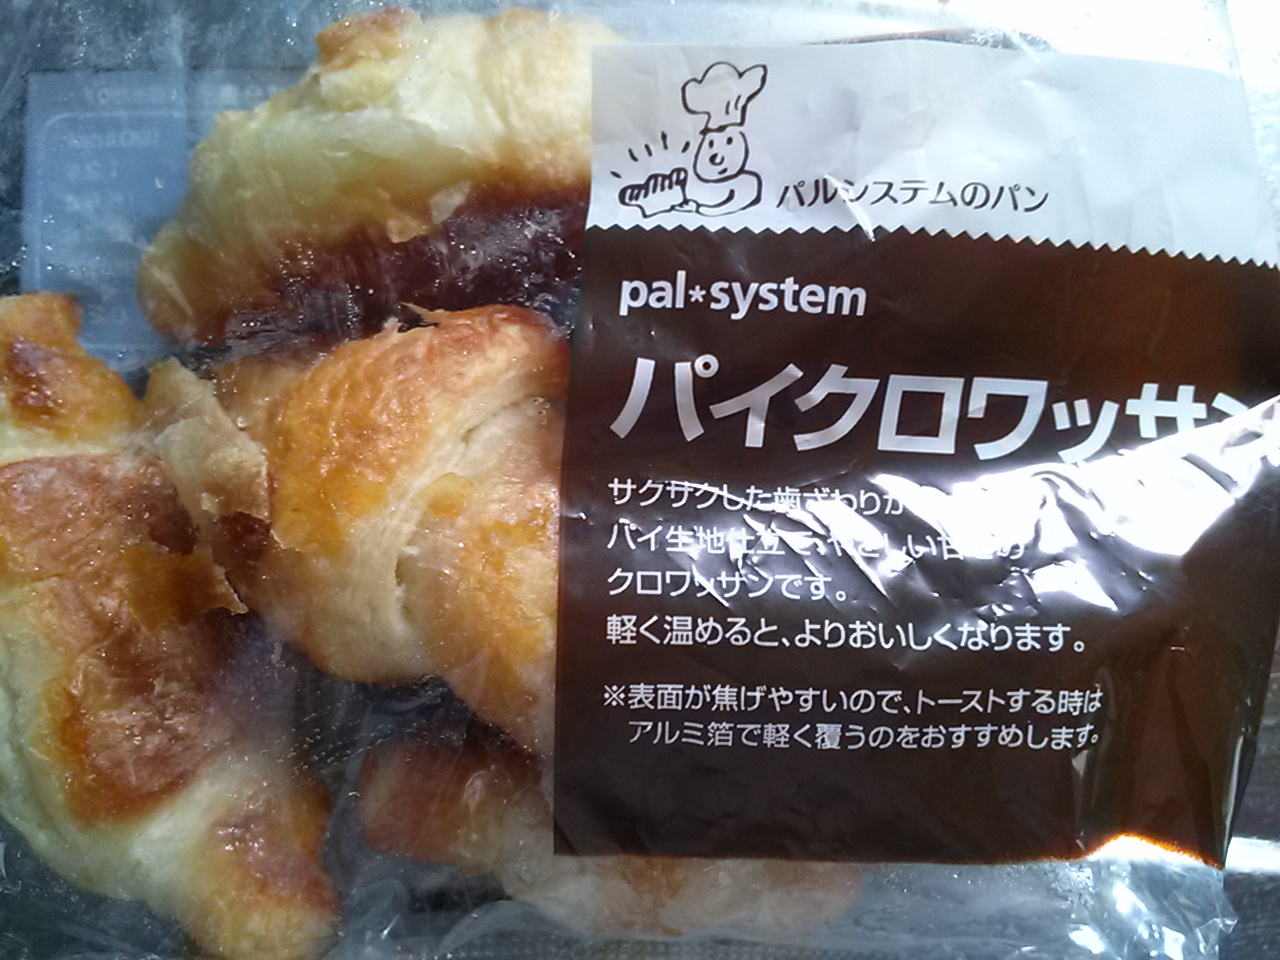 食材宅配パルシステムのパイクロワッサンをお試し